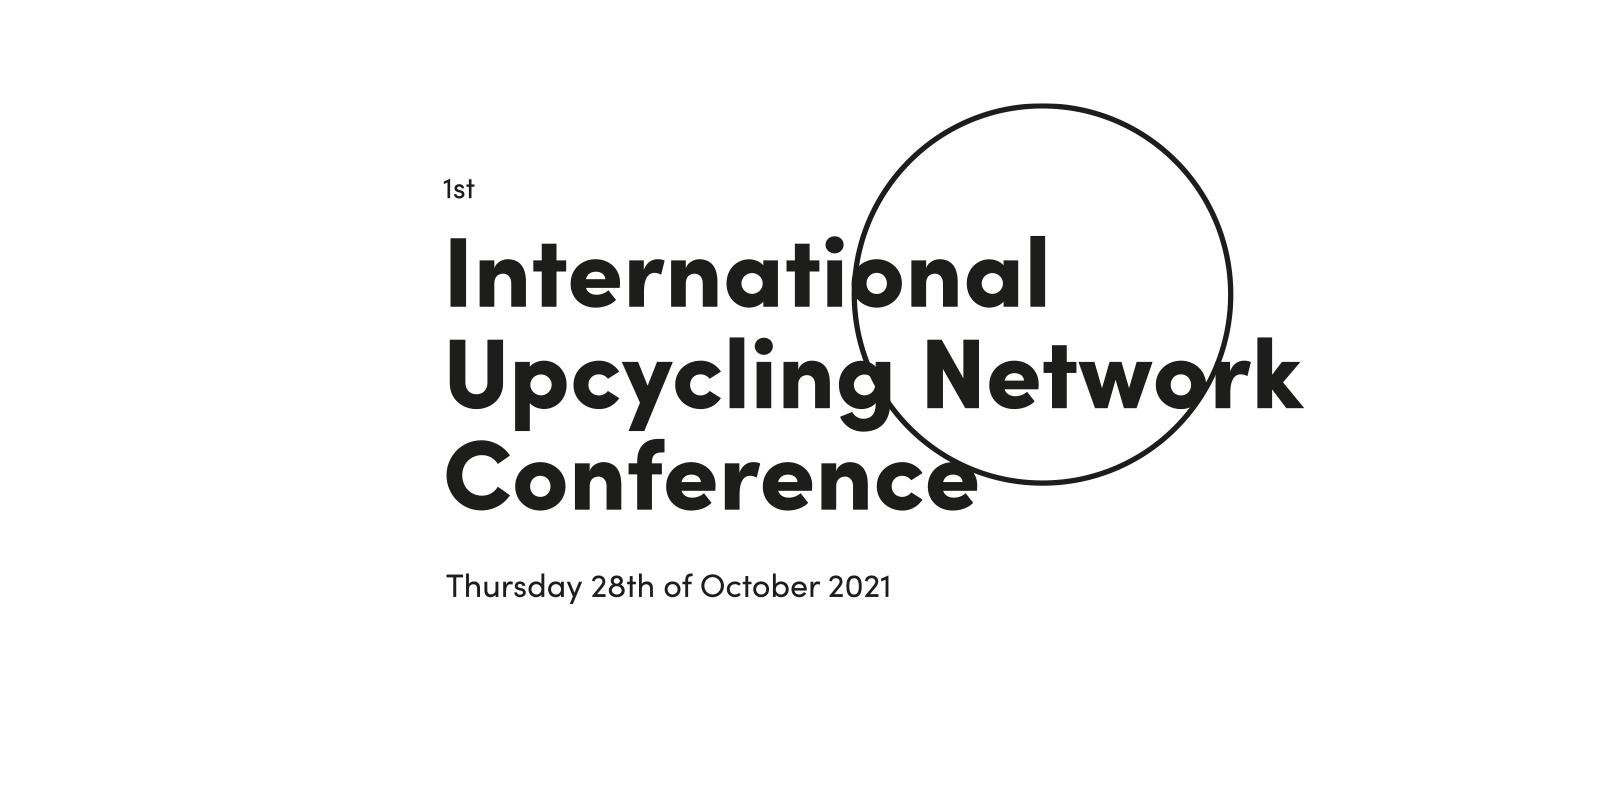 Bild_groß_website_conference